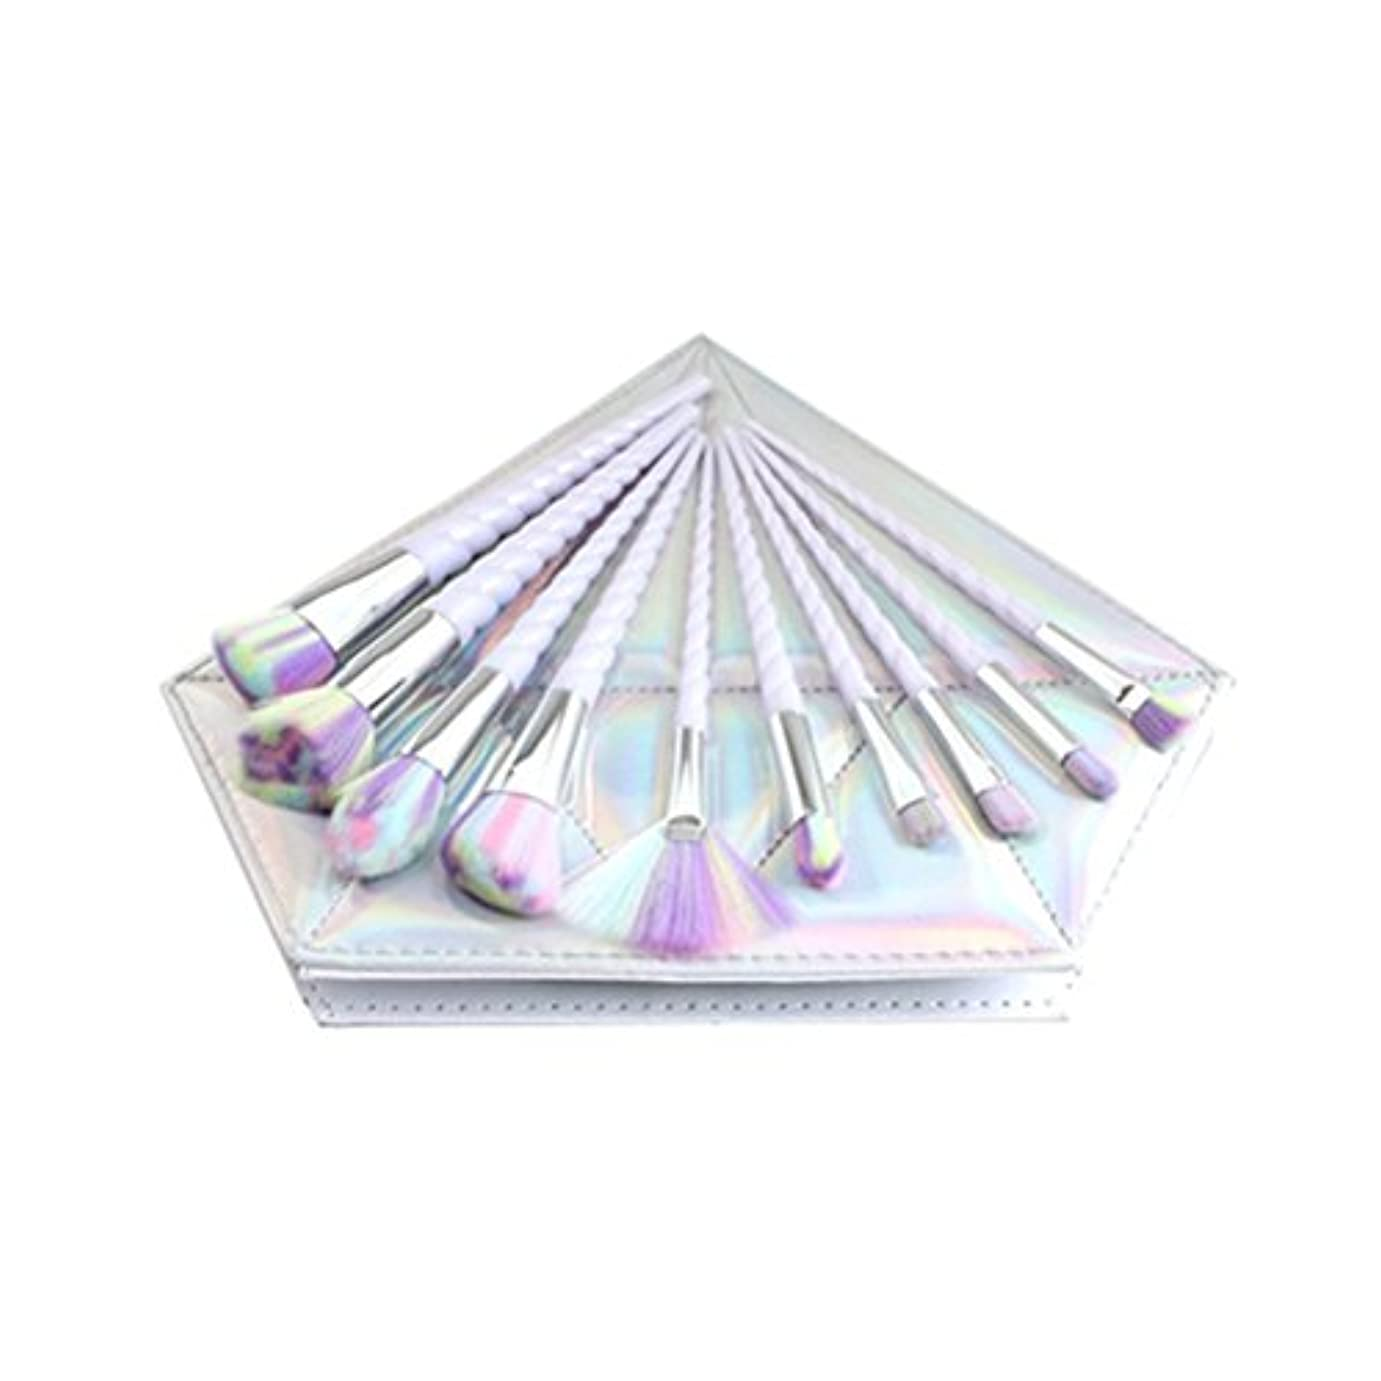 スカウト衝突設計図Dilla Beauty 10本セットユニコーンデザインプラスチックハンドル形状メイクブラシセット合成毛ファンデーションブラシアイシャドーブラッシャー美容ツール美しい化粧品のバッグを送る (白いハンドル - 多色の毛)